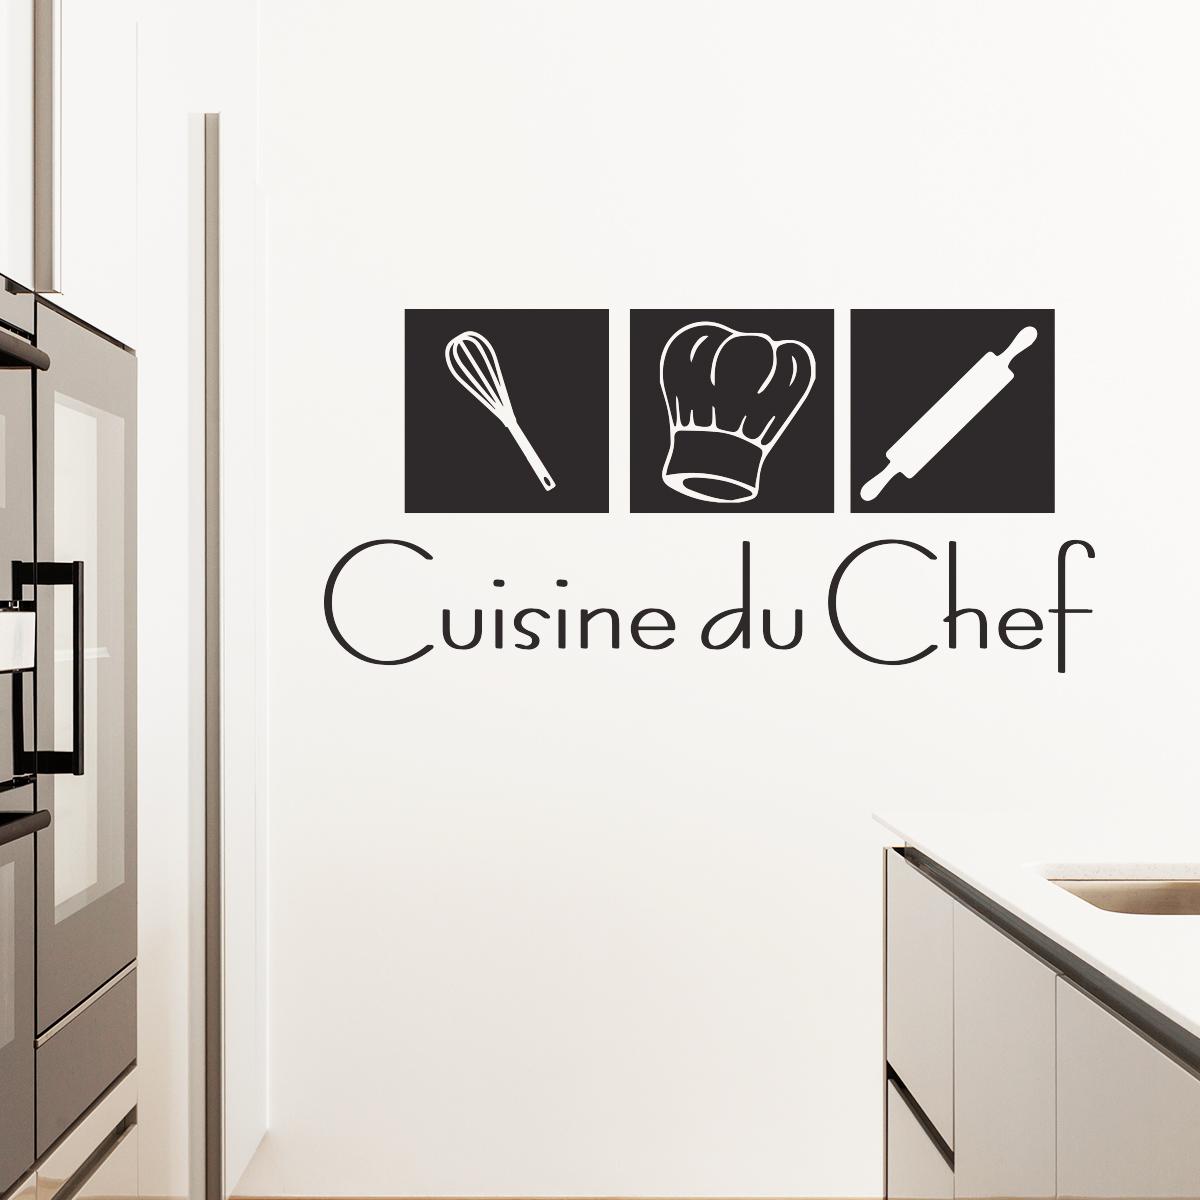 stickers muraux pour la cuisine sticker cuisine du chef. Black Bedroom Furniture Sets. Home Design Ideas